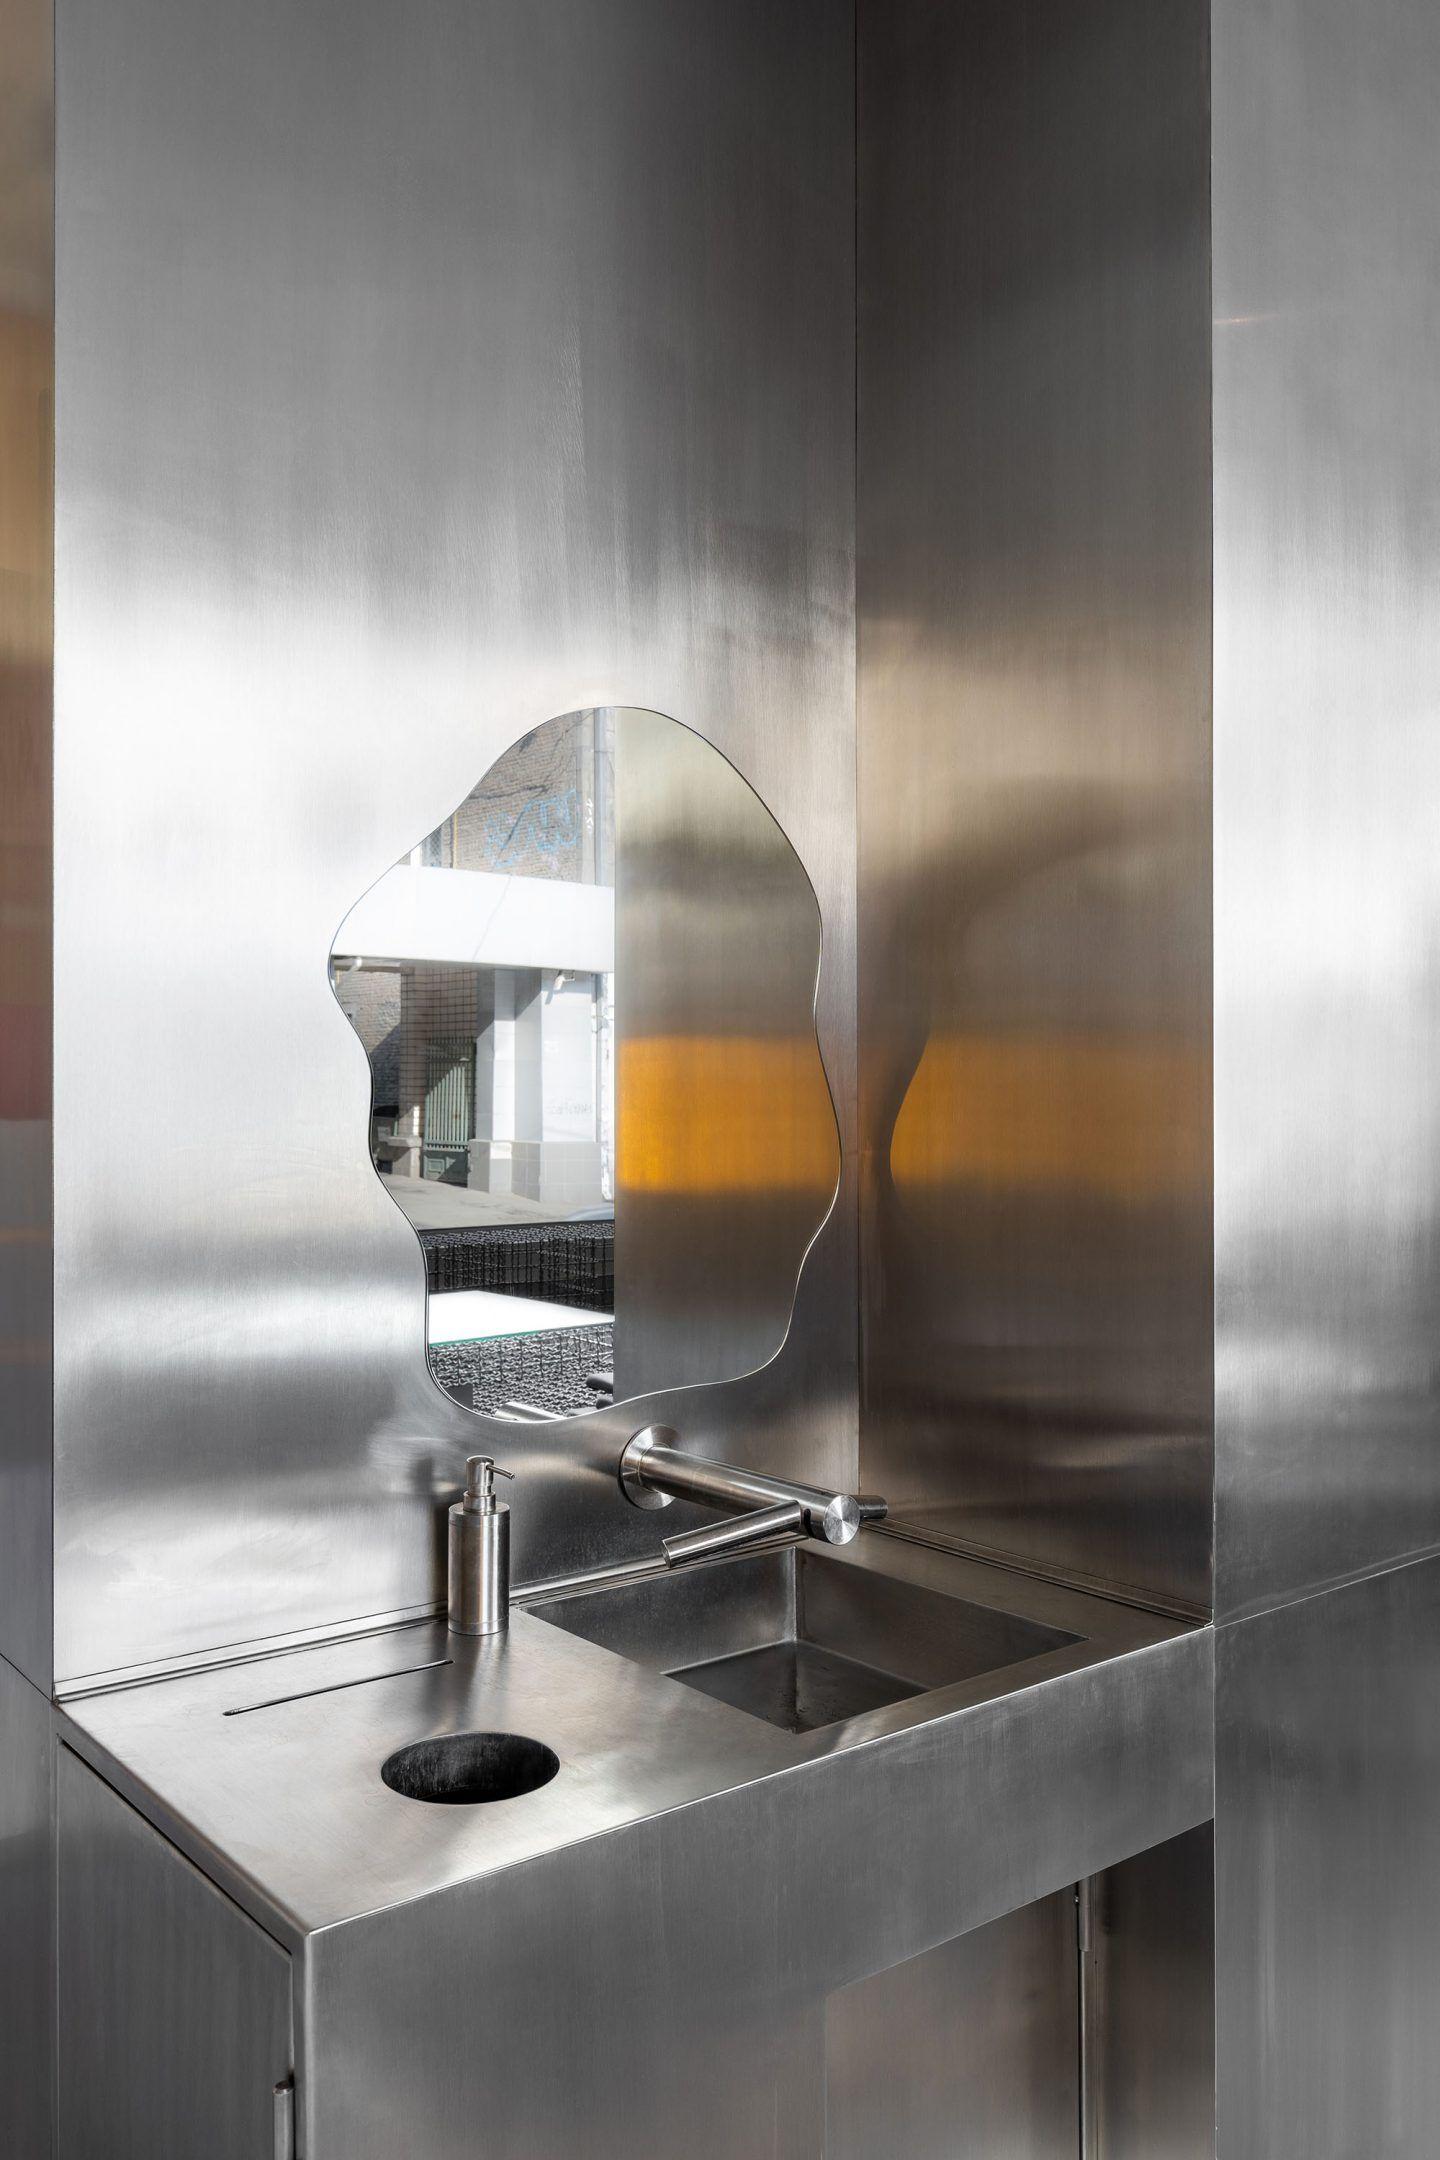 IGNANT-Design-AKZ-Architects-Bowl-Cafe-05